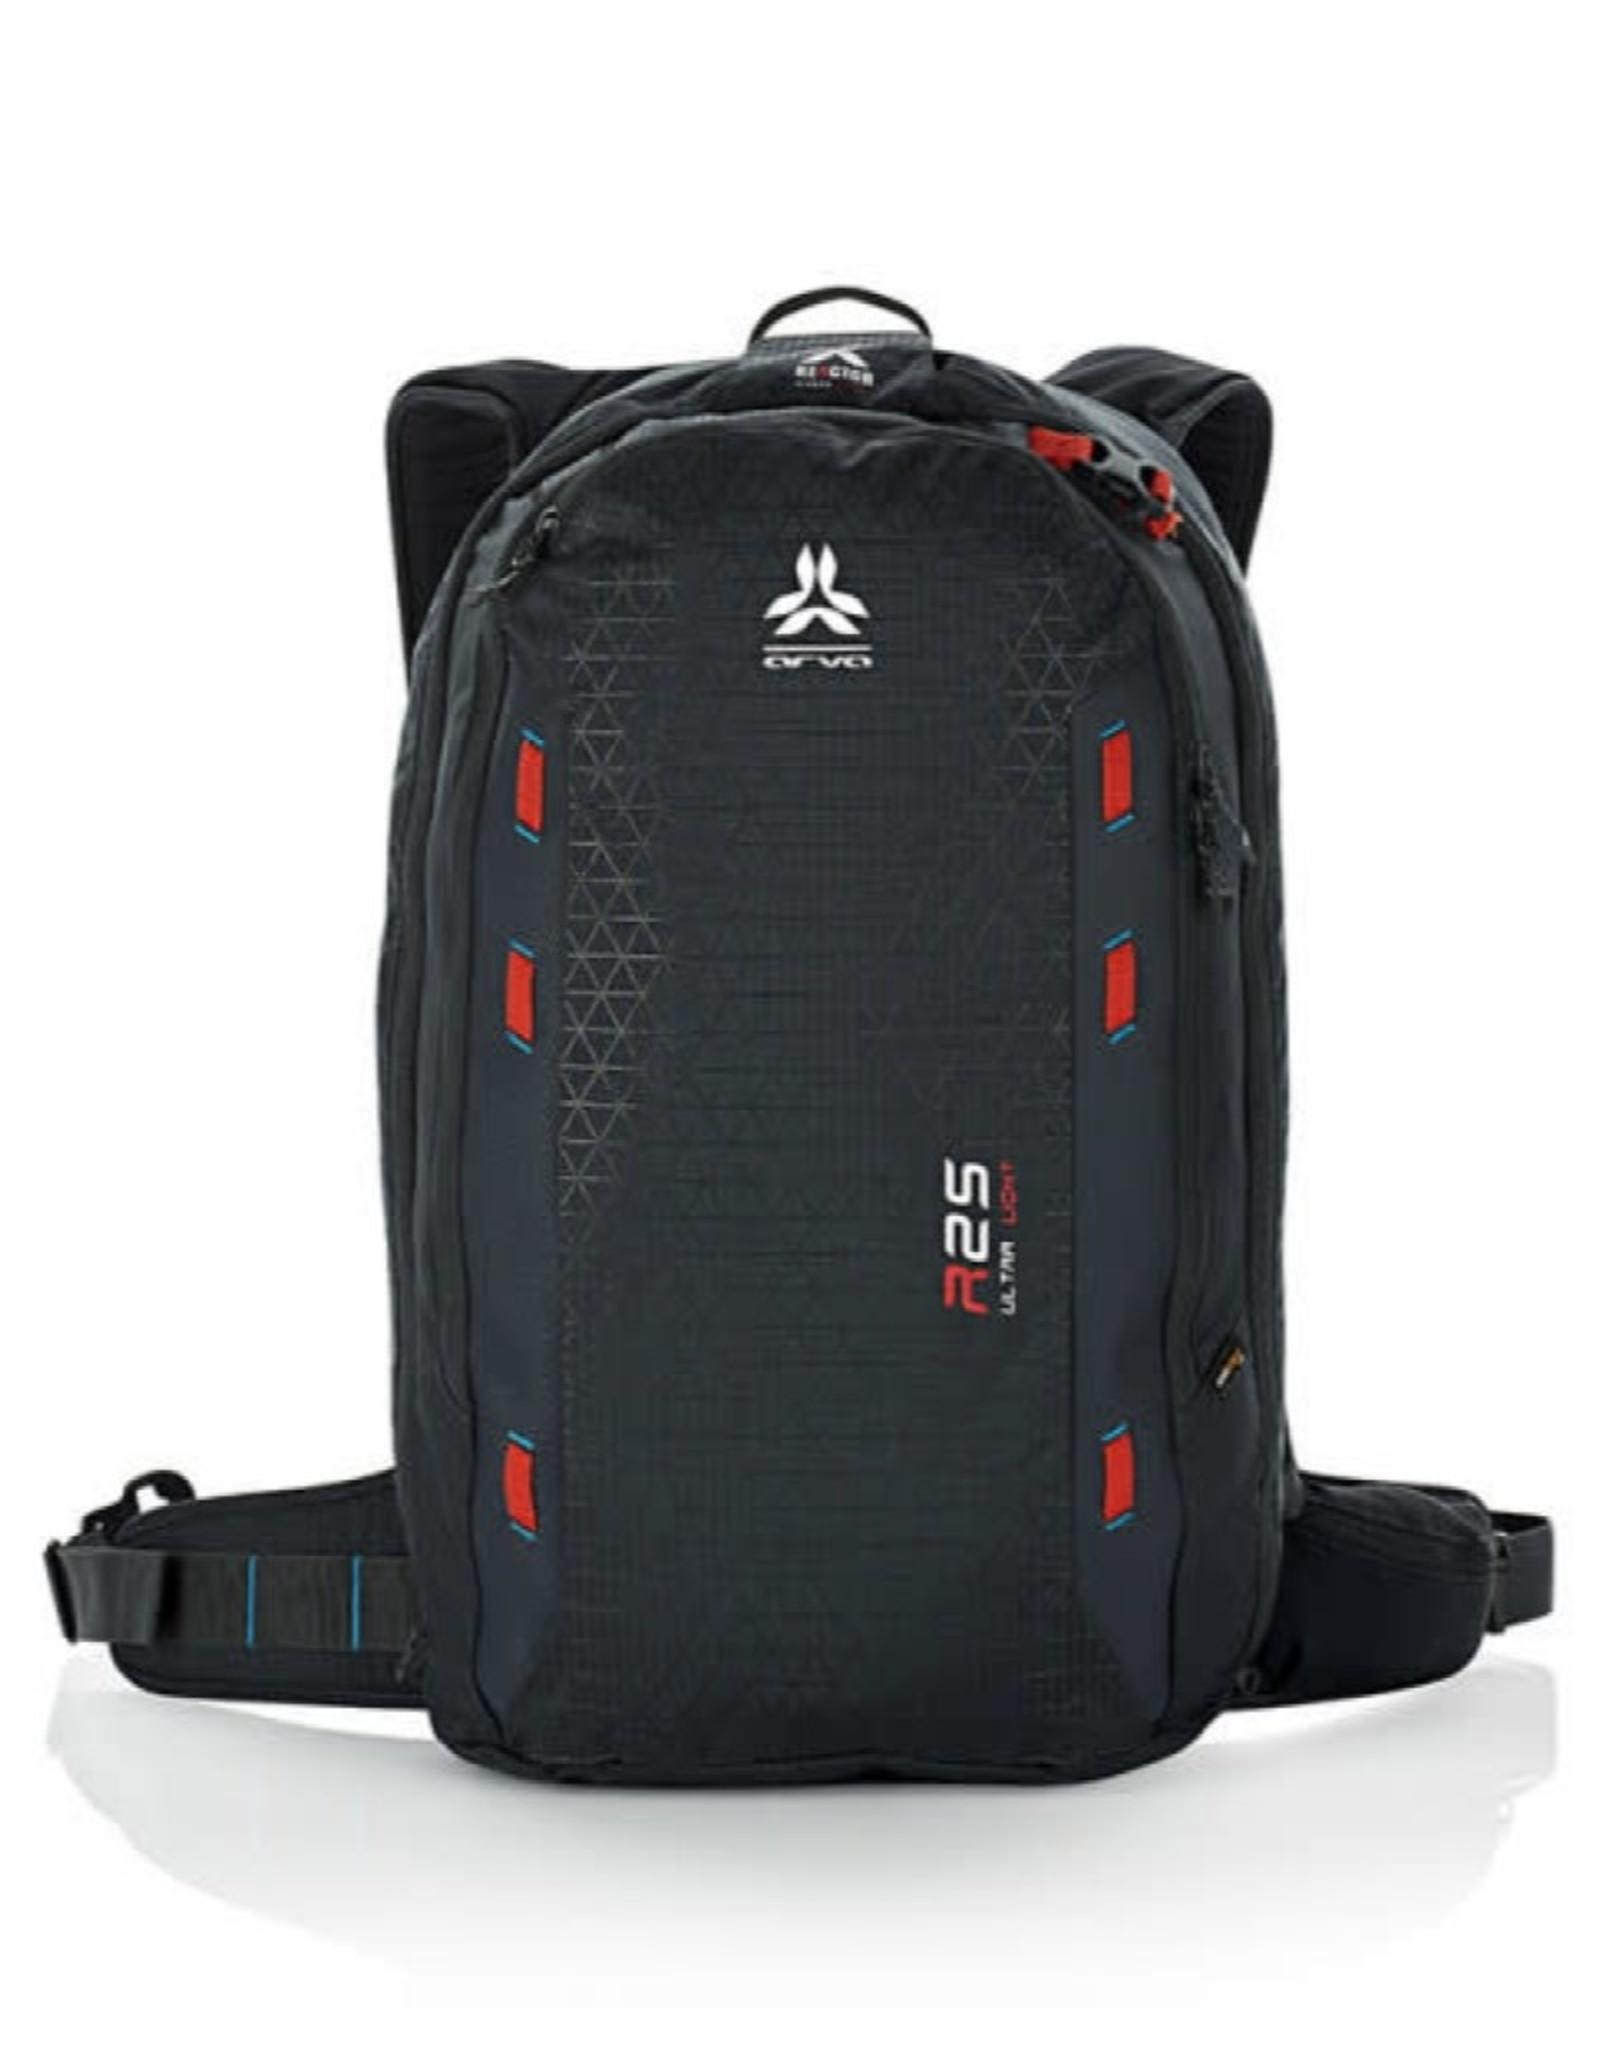 Arva Arva Reactor UL 25l backpack